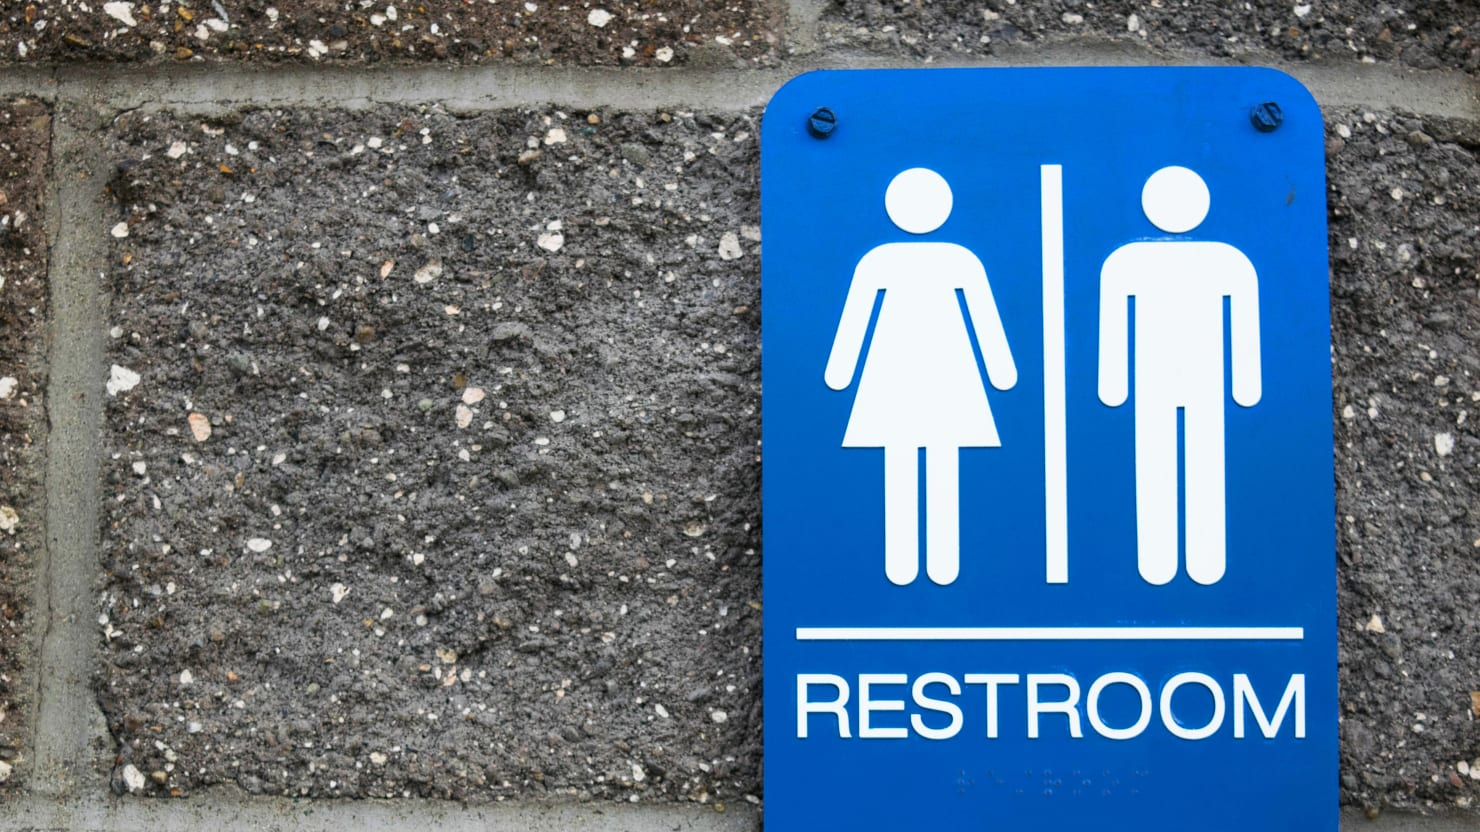 gop wants men to use women's bathrooms